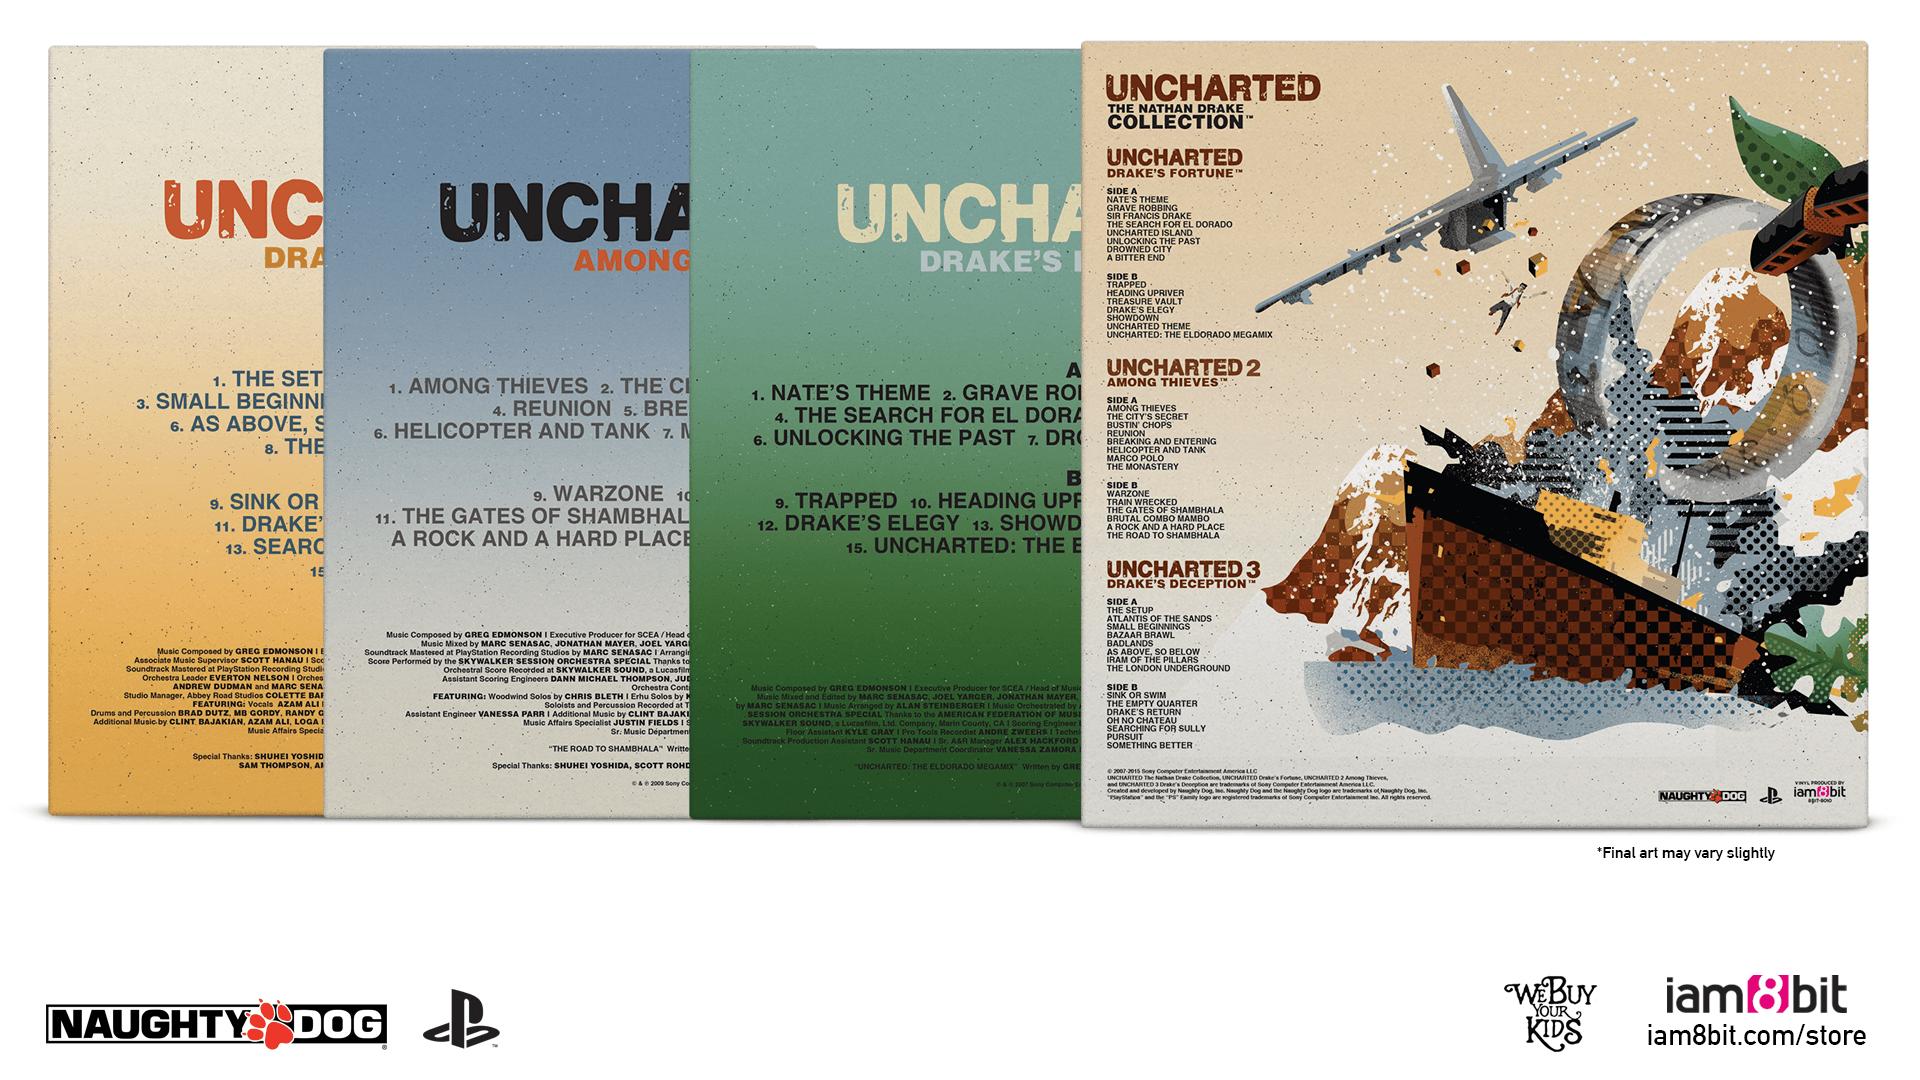 【Uncharted(アンチャーテッド)】ネイザン・ドレイク・コレクション - 画像5